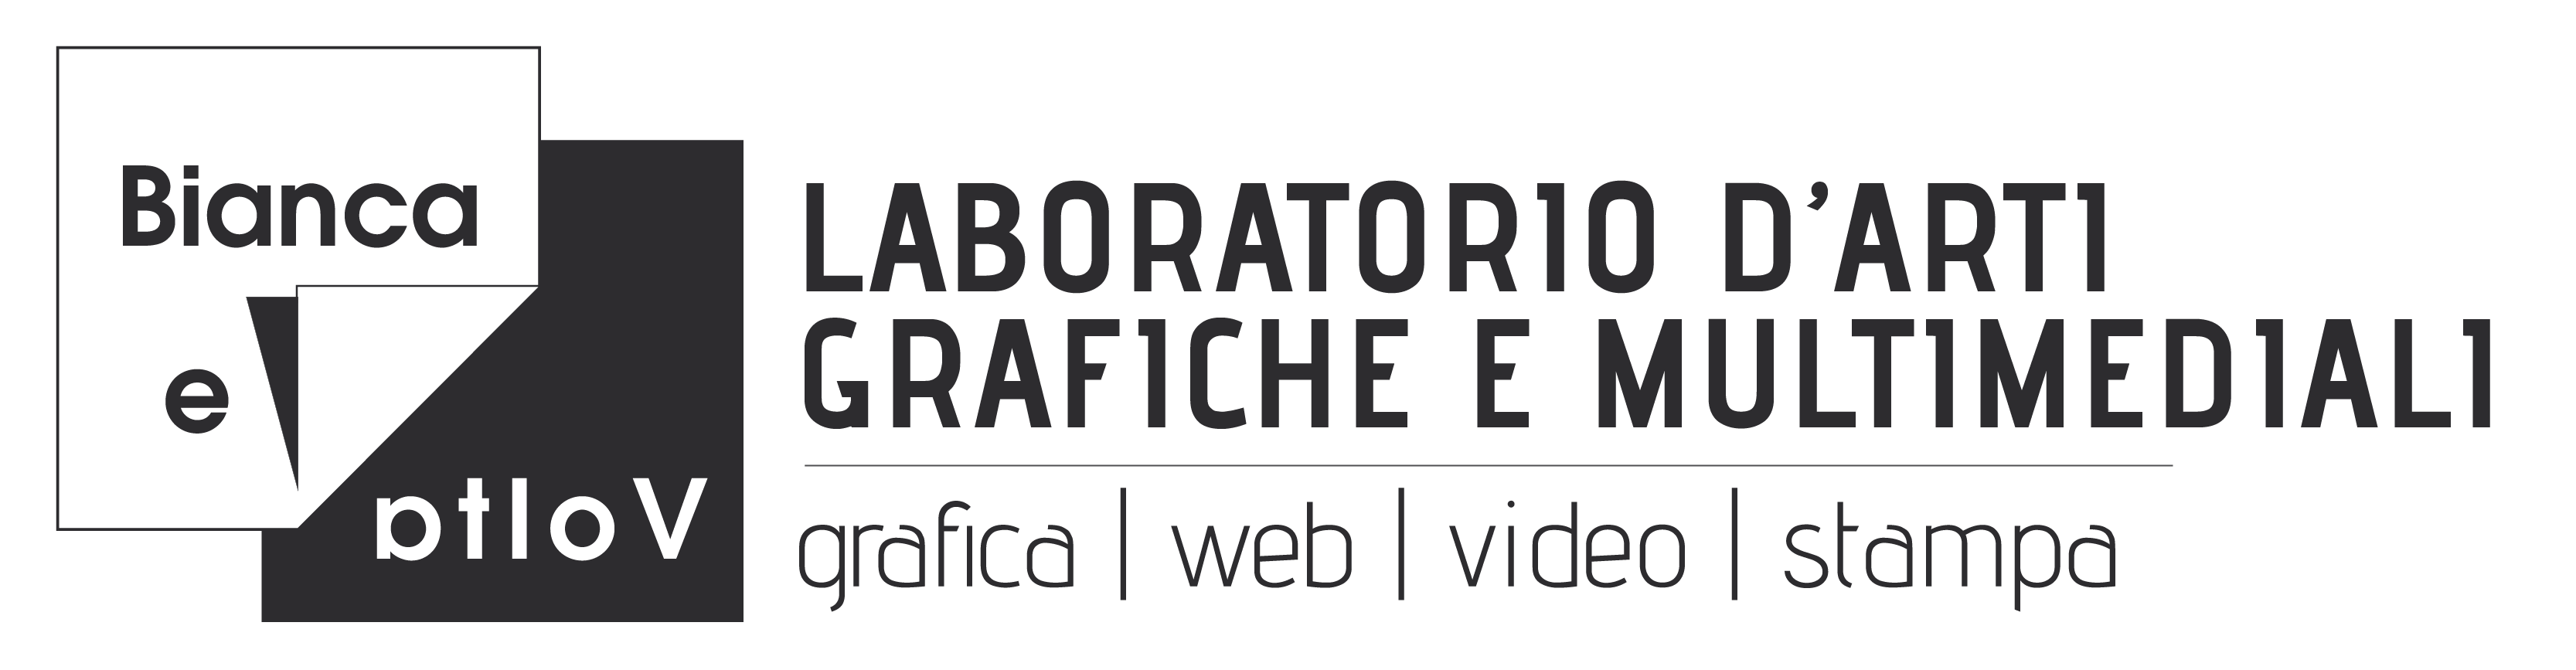 Bianca e Volta | Laboratorio d'arti grafiche e multimediali